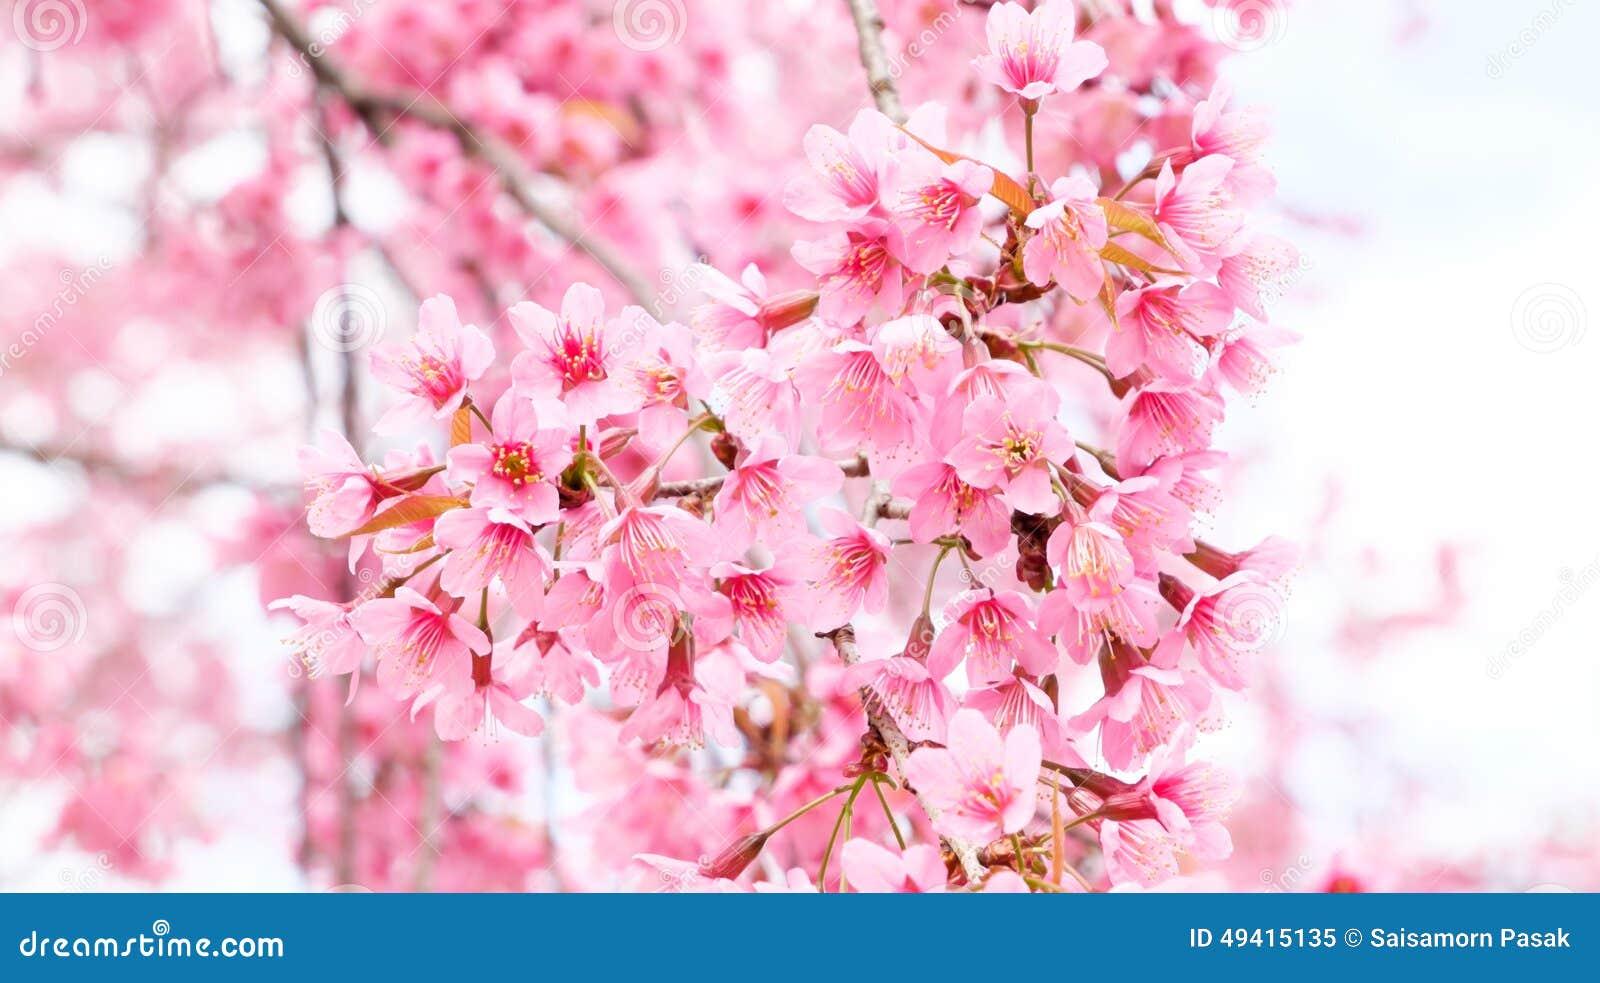 Download Schöne Rosa Farbkirschblüte Stockbild - Bild von valentine, baum: 49415135